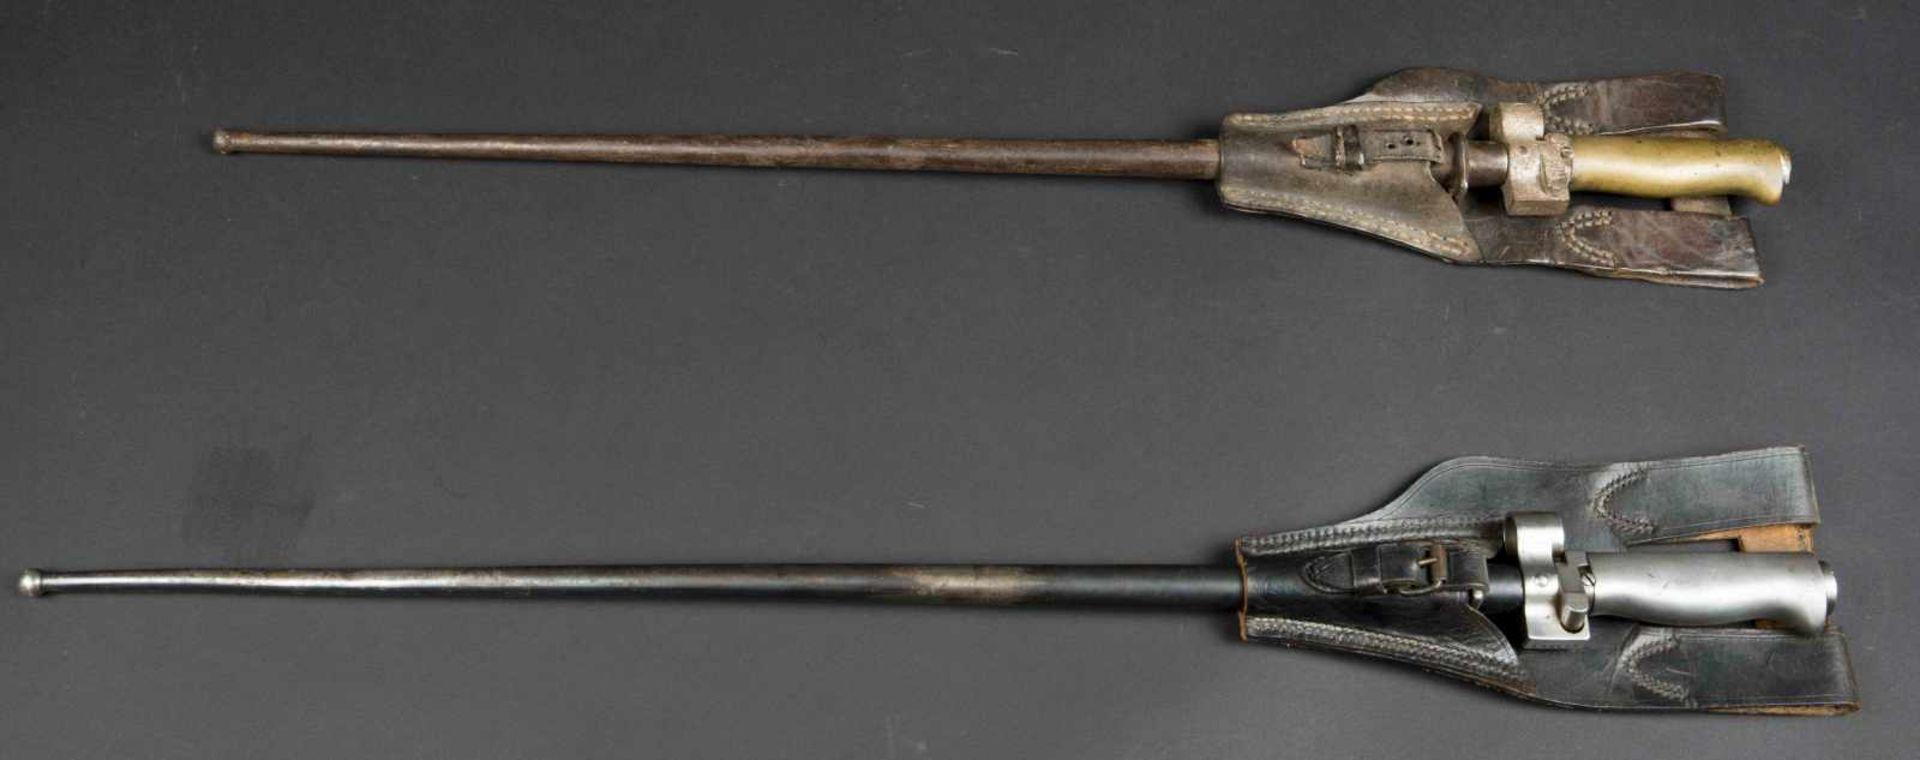 Lot de deux baïonnettes Lebel modèle 1886/1915 poignée maillechort (bon état), Lebel modèle 1886/ - Bild 3 aus 4